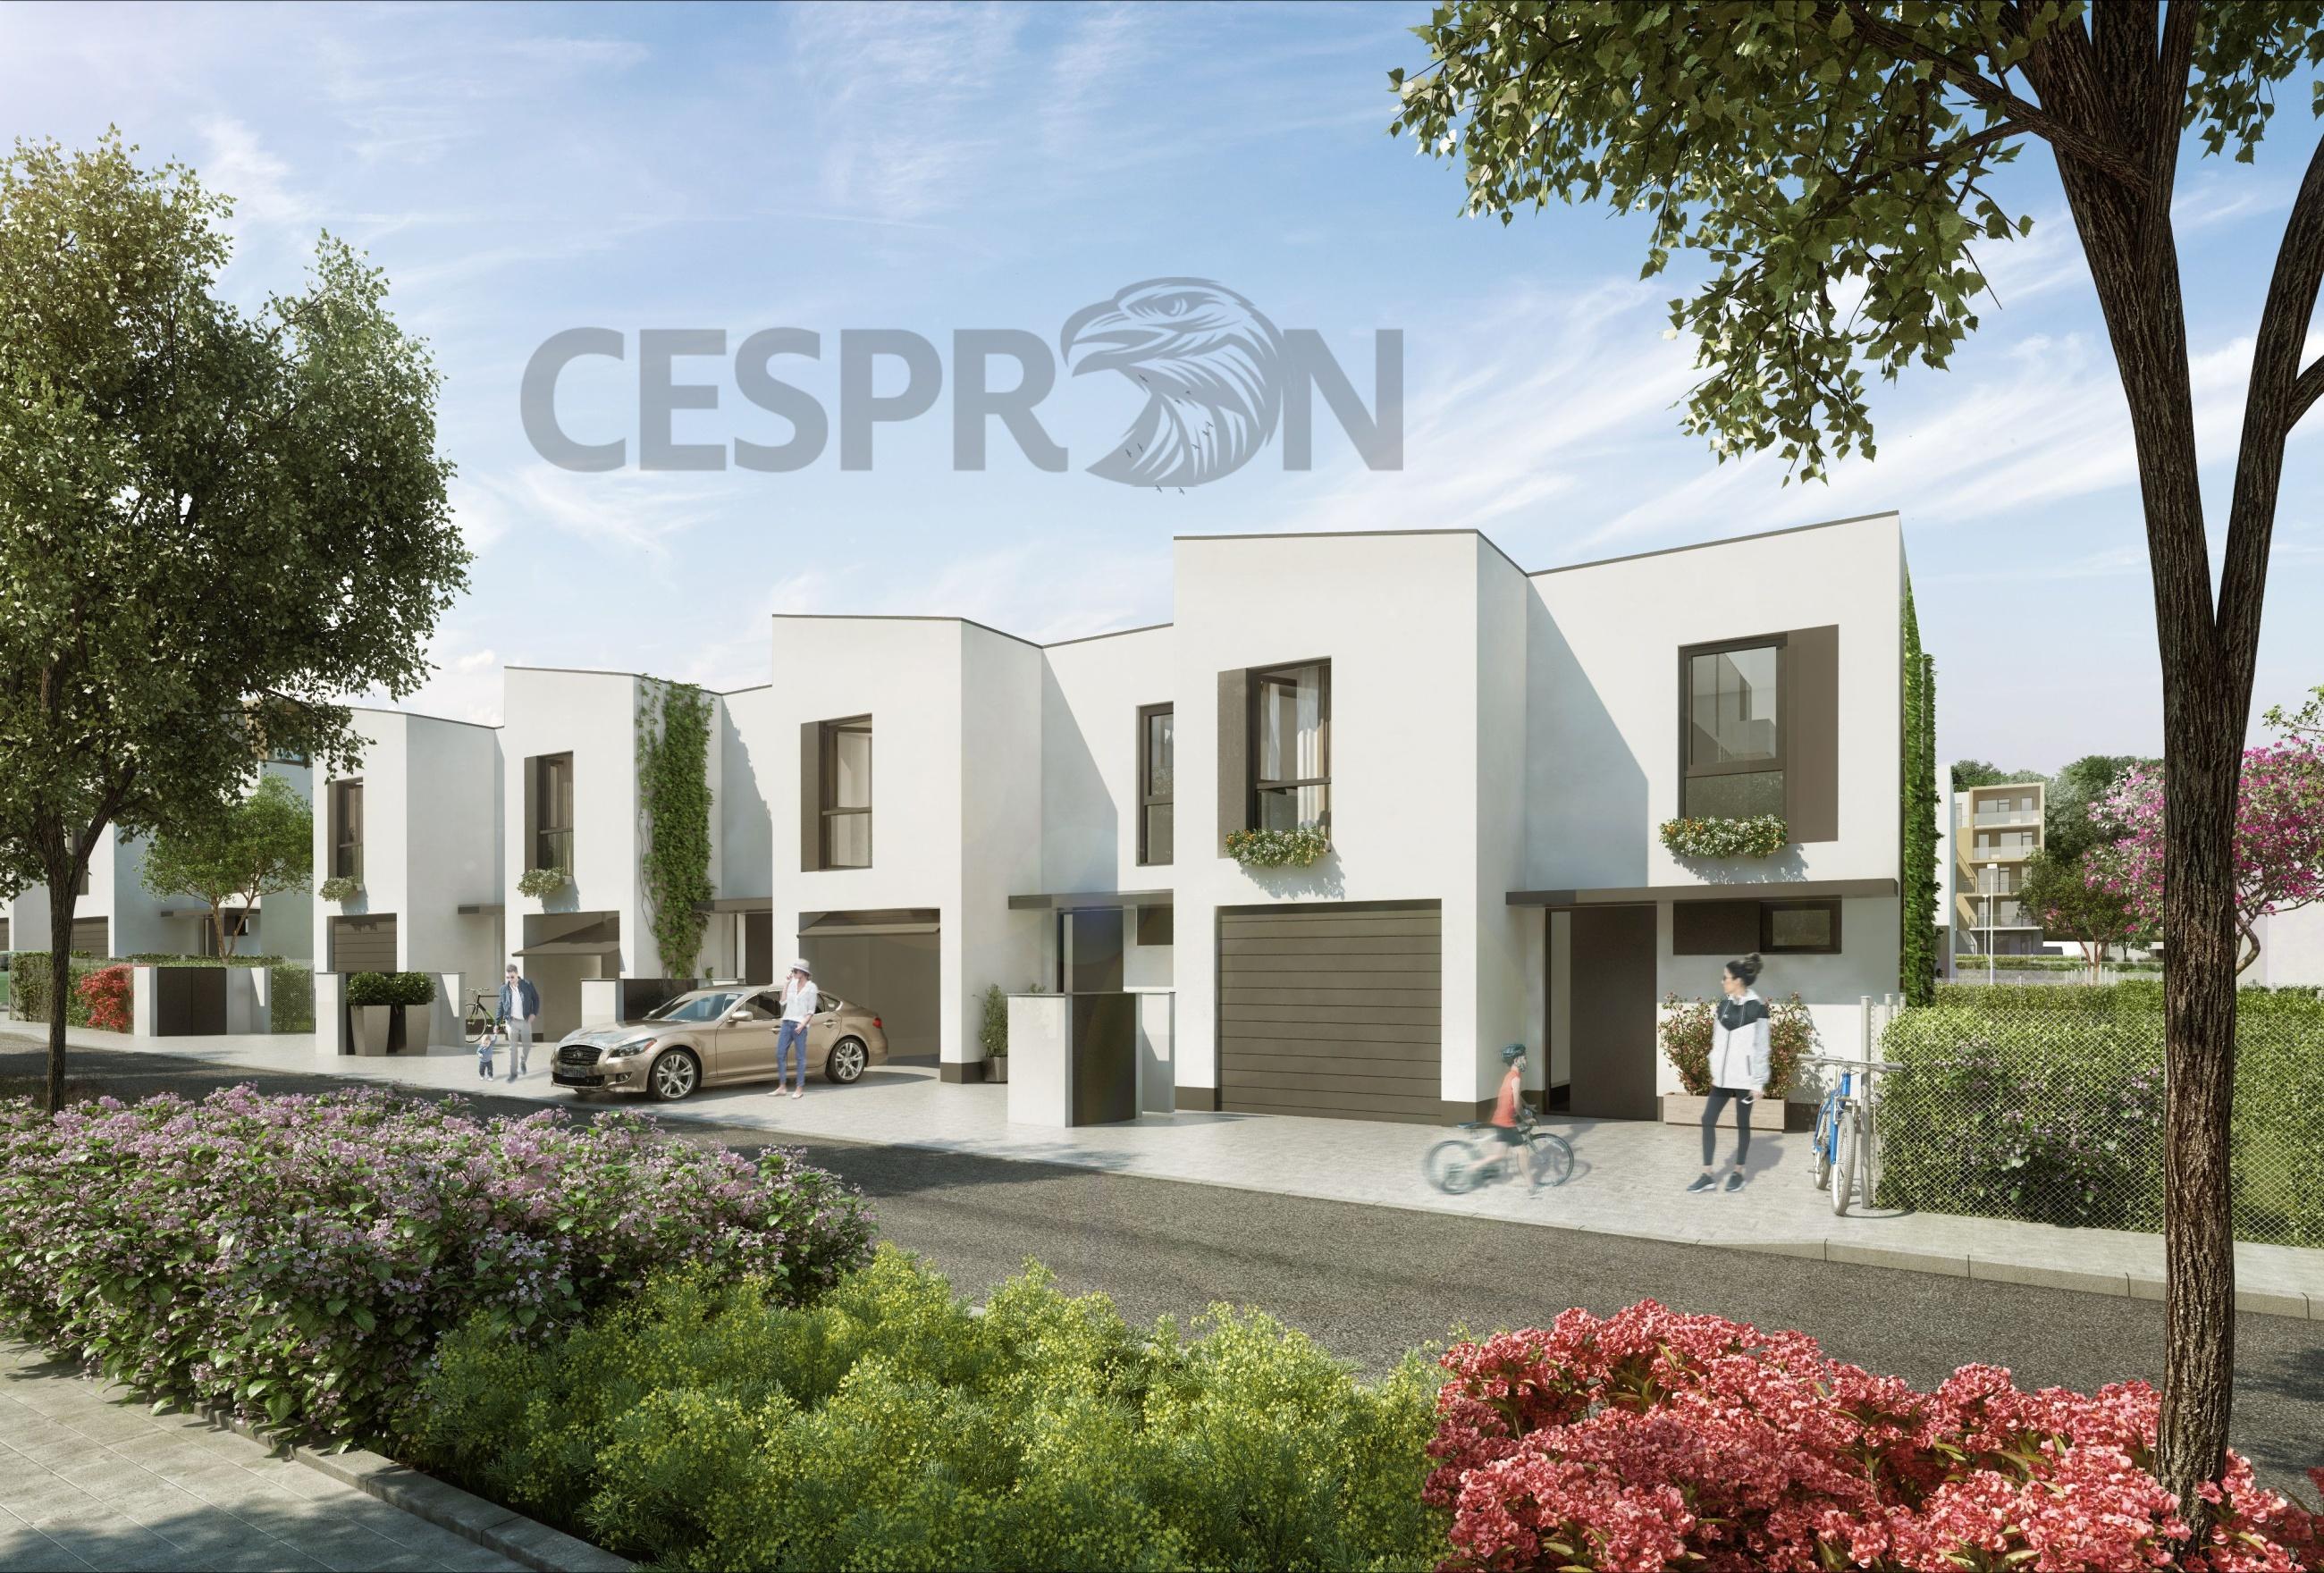 01 Nové řadové domy a byty v centru města Berouna